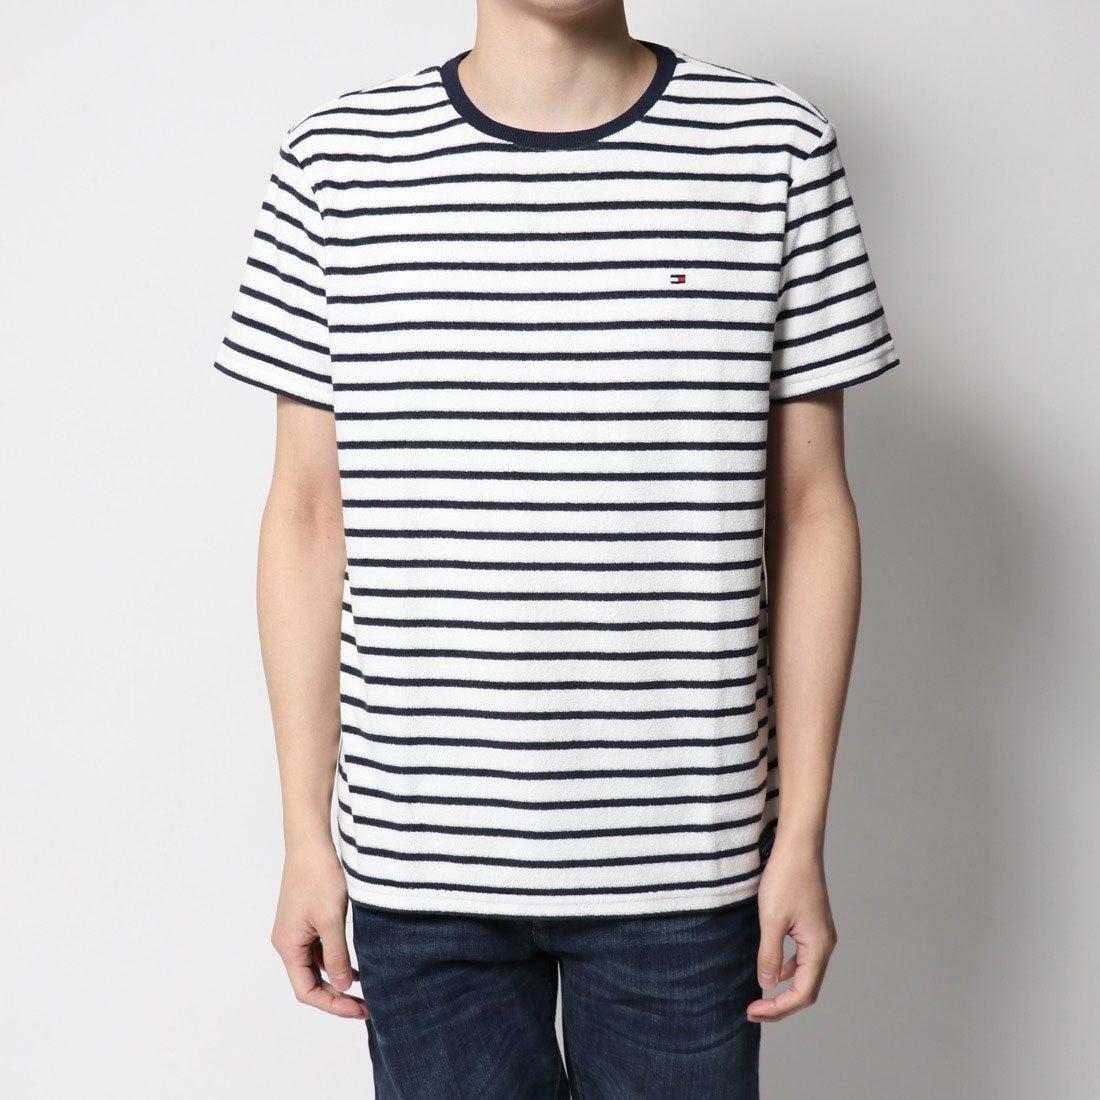 ロコンド 靴とファッションの通販サイトトミーヒルフィガー TOMMY HILFIGER 1ポイントリラックスTシャツ (ホワイト)